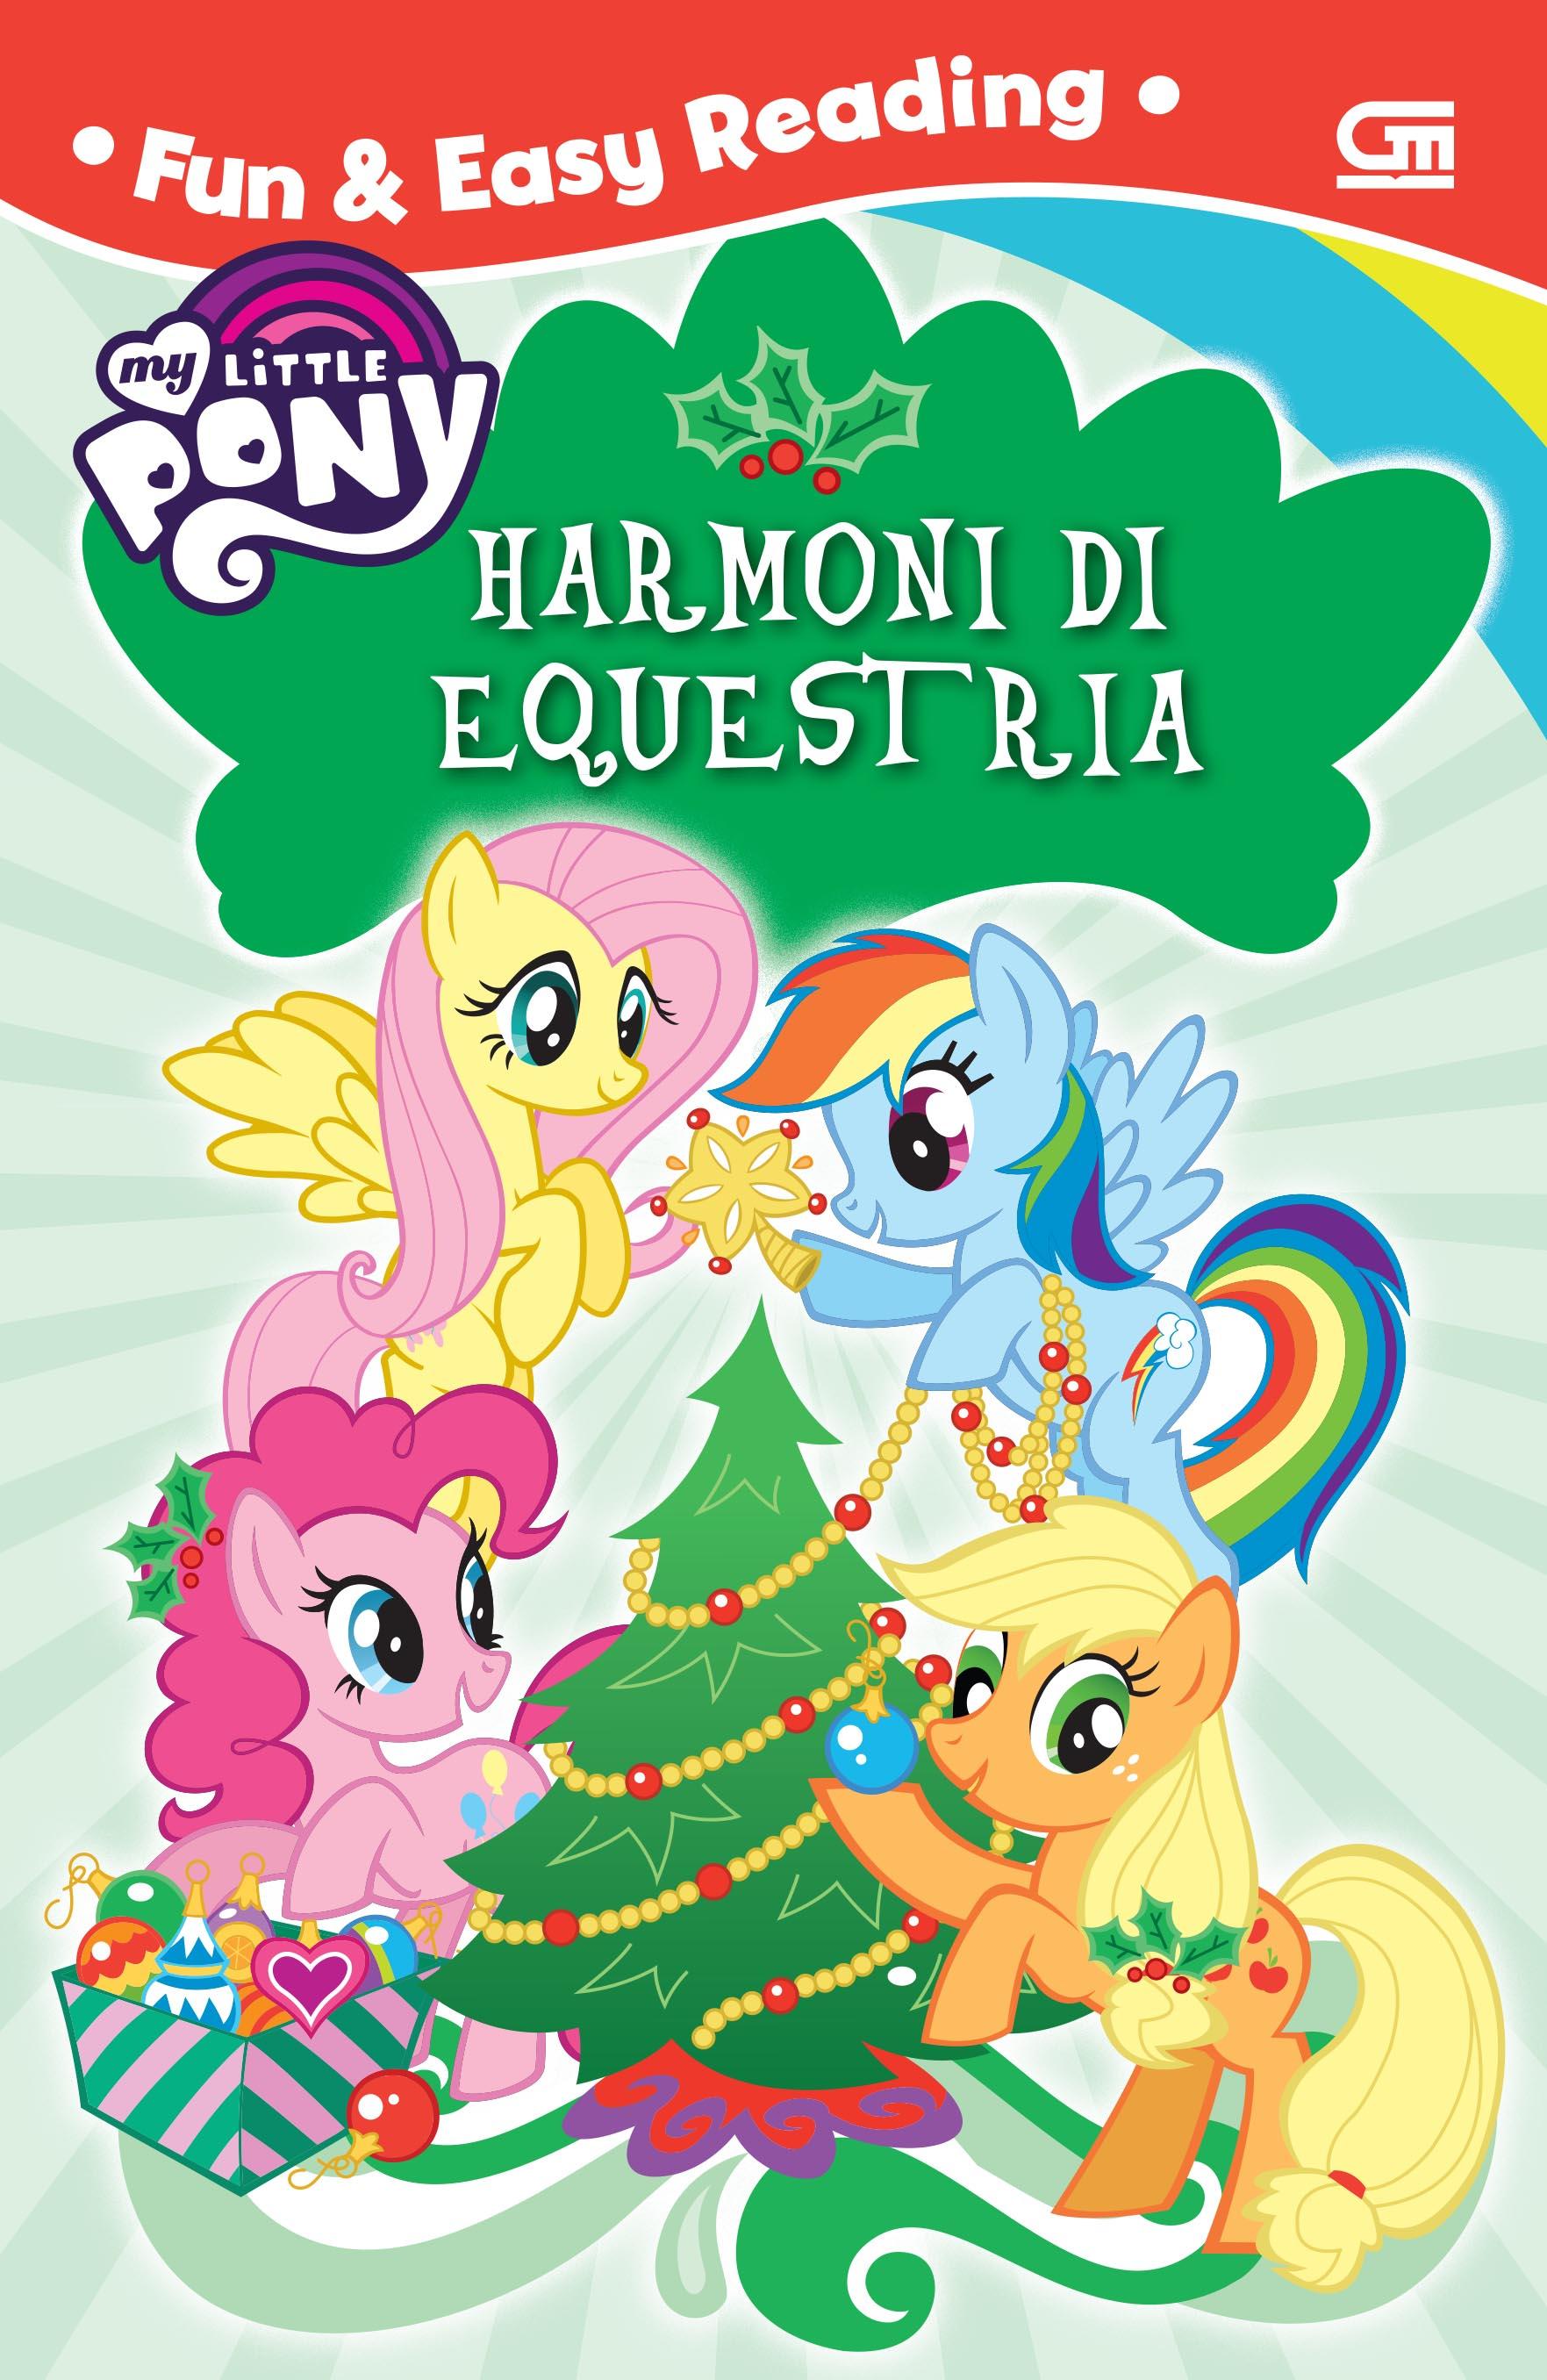 My Little Pony: Harmoni di Equiestria